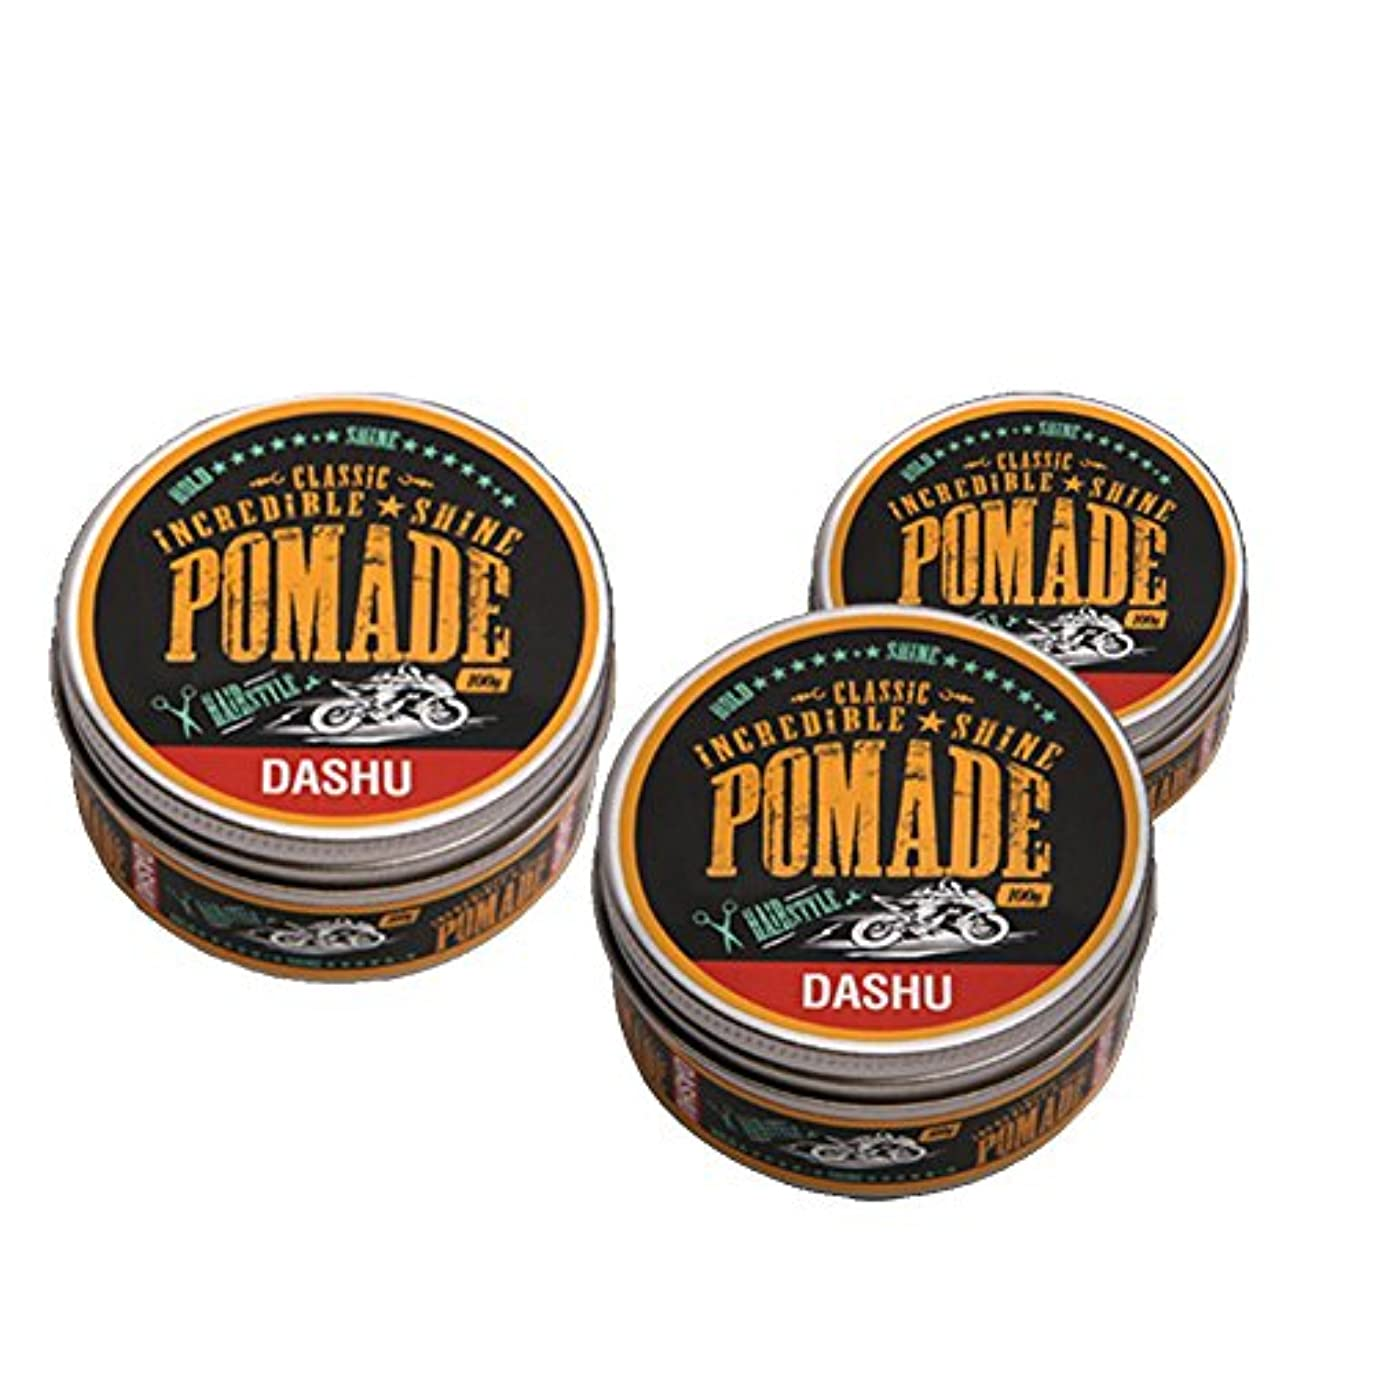 面積パッケージディレイ(3個セット) x [DASHU] ダシュ クラシック 信じられないほどの輝き ポマードワックス Classic Incredible Shine Pomade Hair Wax 100ml / 韓国製 . 韓国直送品